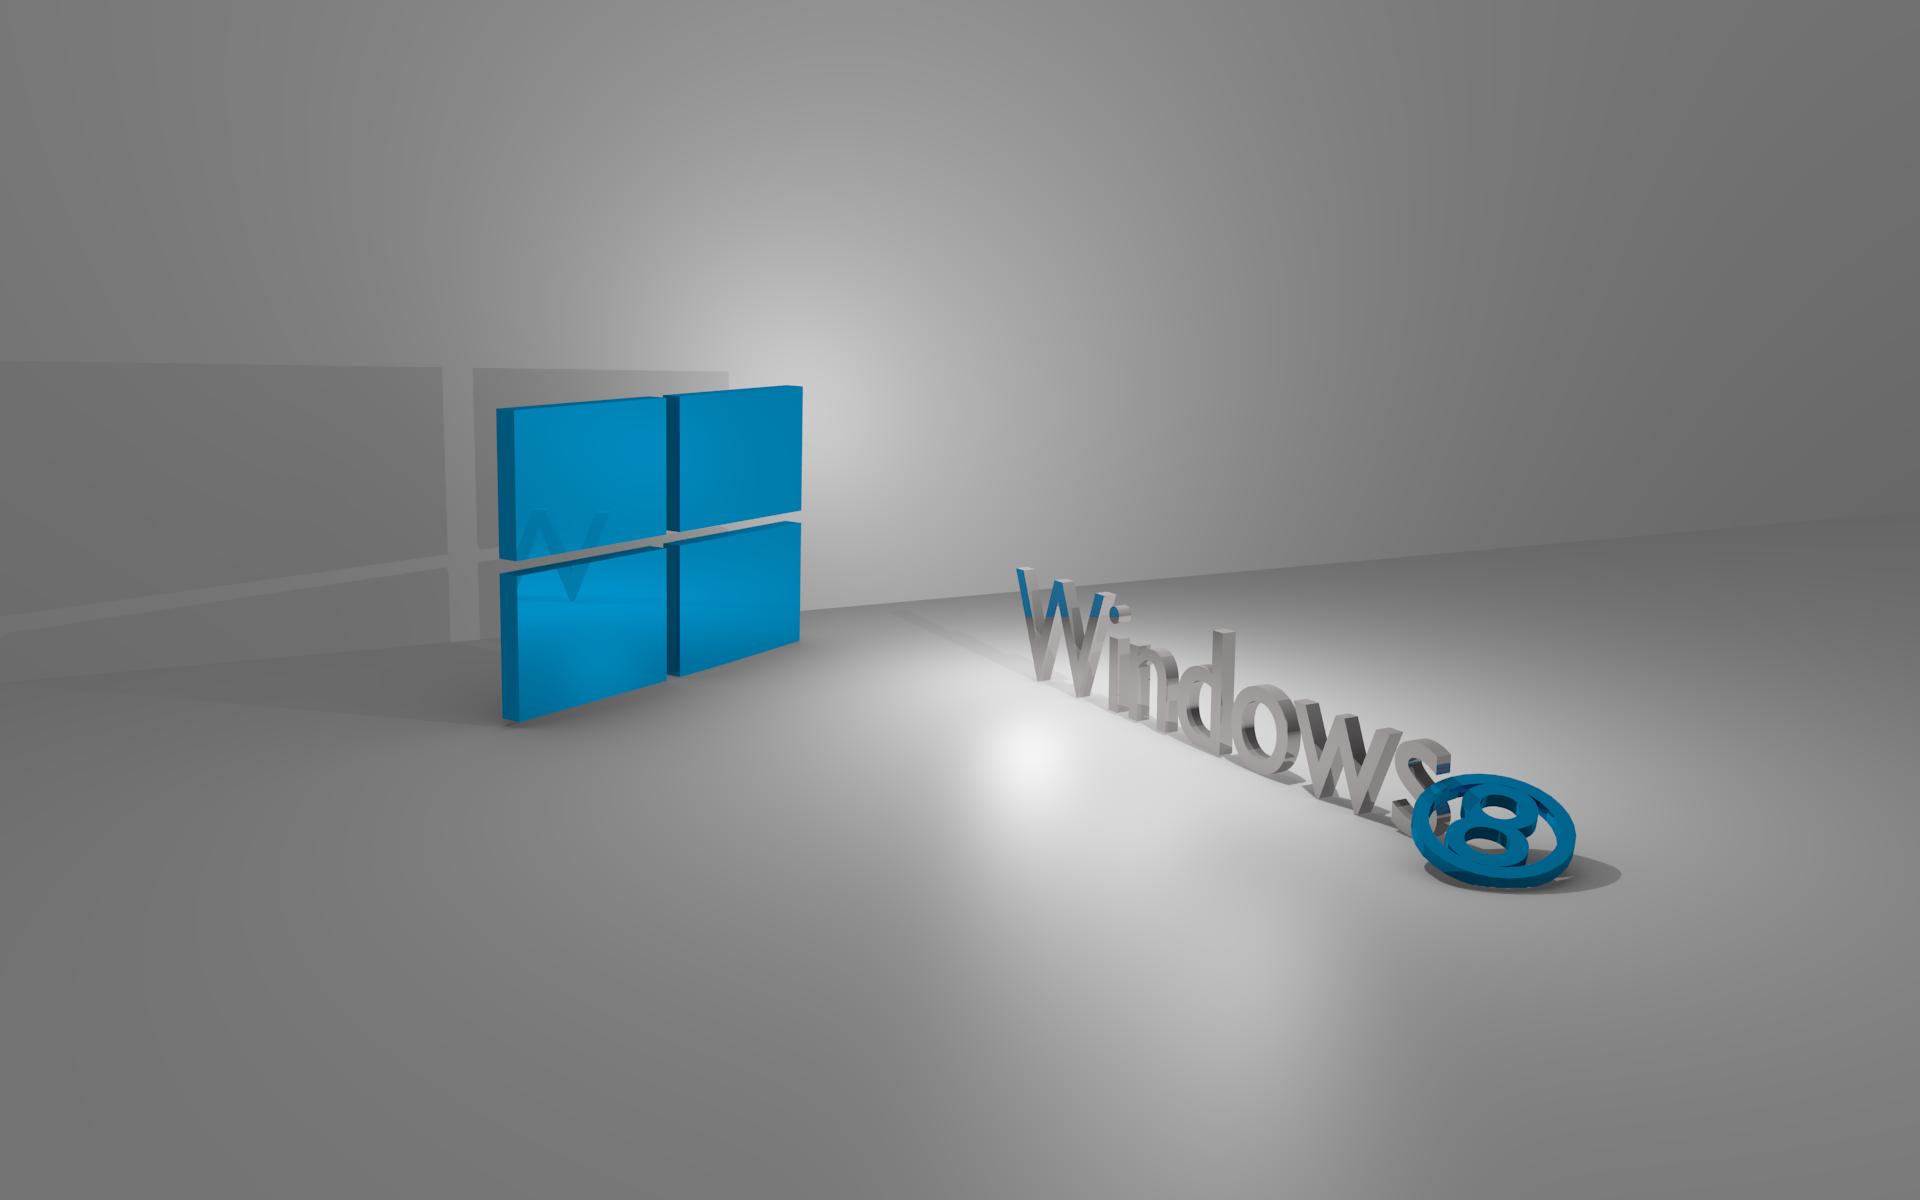 Windows 10 Wallpapers HD 3D - WallpaperSafari